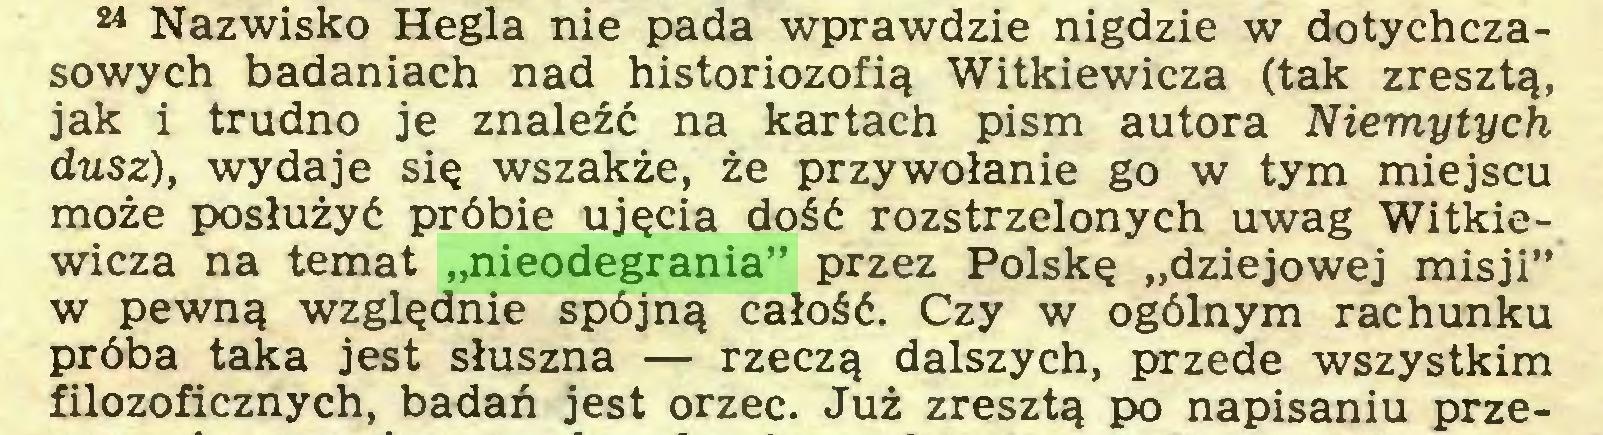 """(...) 24 Nazwisko Hegla nie pada wprawdzie nigdzie w dotychczasowych badaniach nad historiozofią Witkiewicza (tak zresztą, jak i trudno je znaleźć na kartach pism autora Niemytych dusz), wydaje się wszakże, że przywołanie go w tym miejscu może posłużyć próbie ujęcia dość rozstrzelonych uwag Witkiewicza na temat """"nieodegrania"""" przez Polskę """"dziejowej misji"""" w pewną względnie spójną całość. Czy w ogólnym rachunku próba taka jest słuszna — rzeczą dalszych, przede wszystkim filozoficznych, badań jest orzec. Już zresztą po napisaniu prze..."""